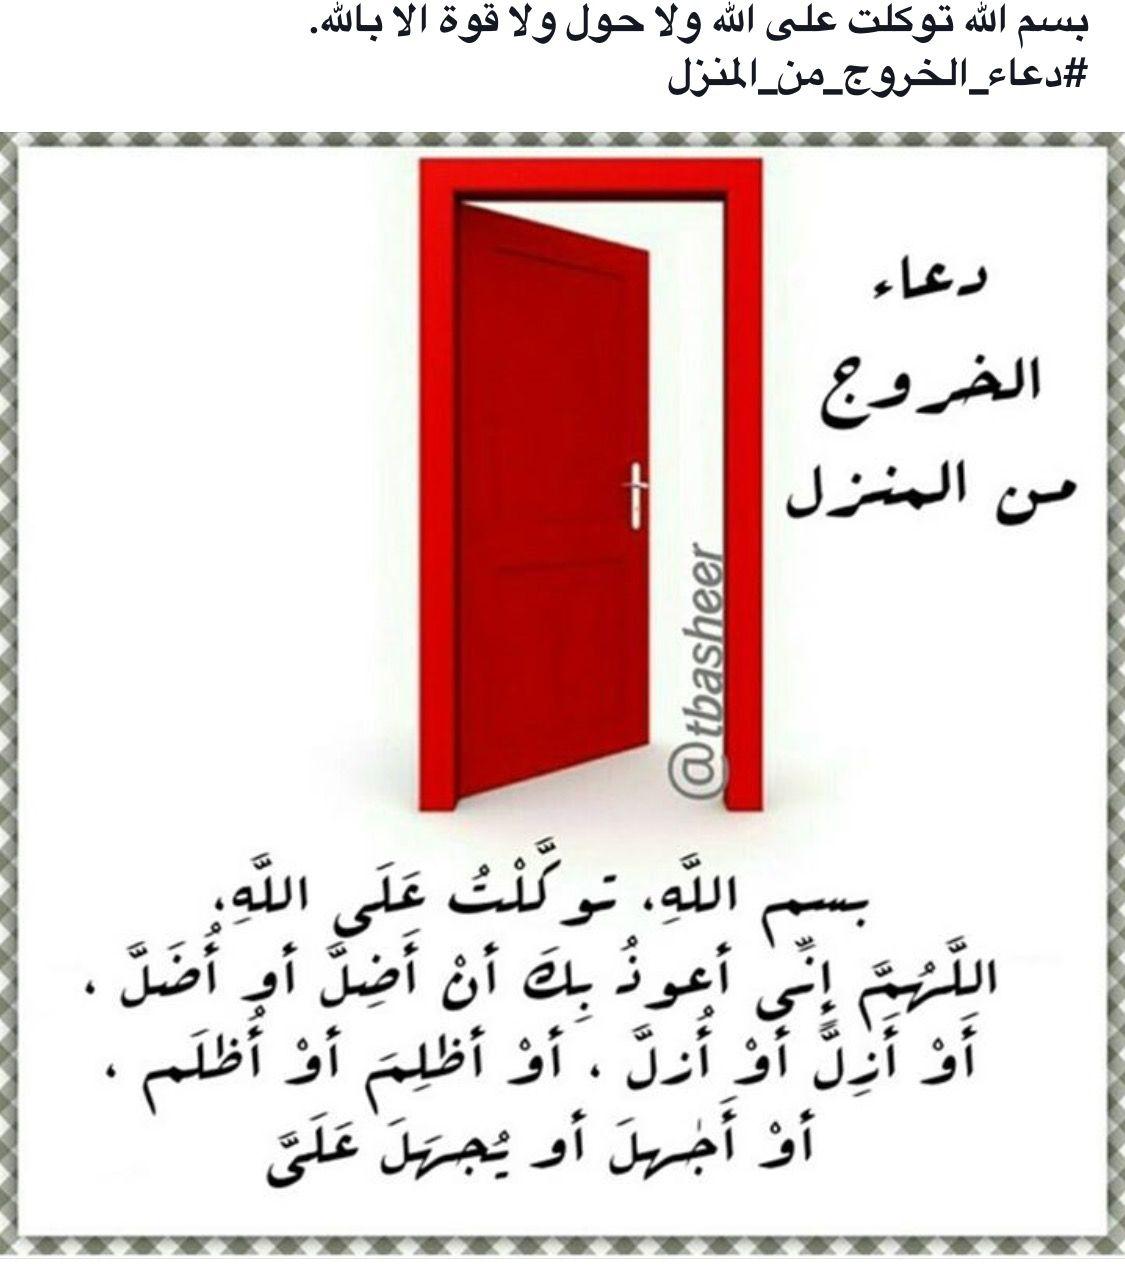 دعاء الخروج من المنزل Islam Islamic World Homeschool